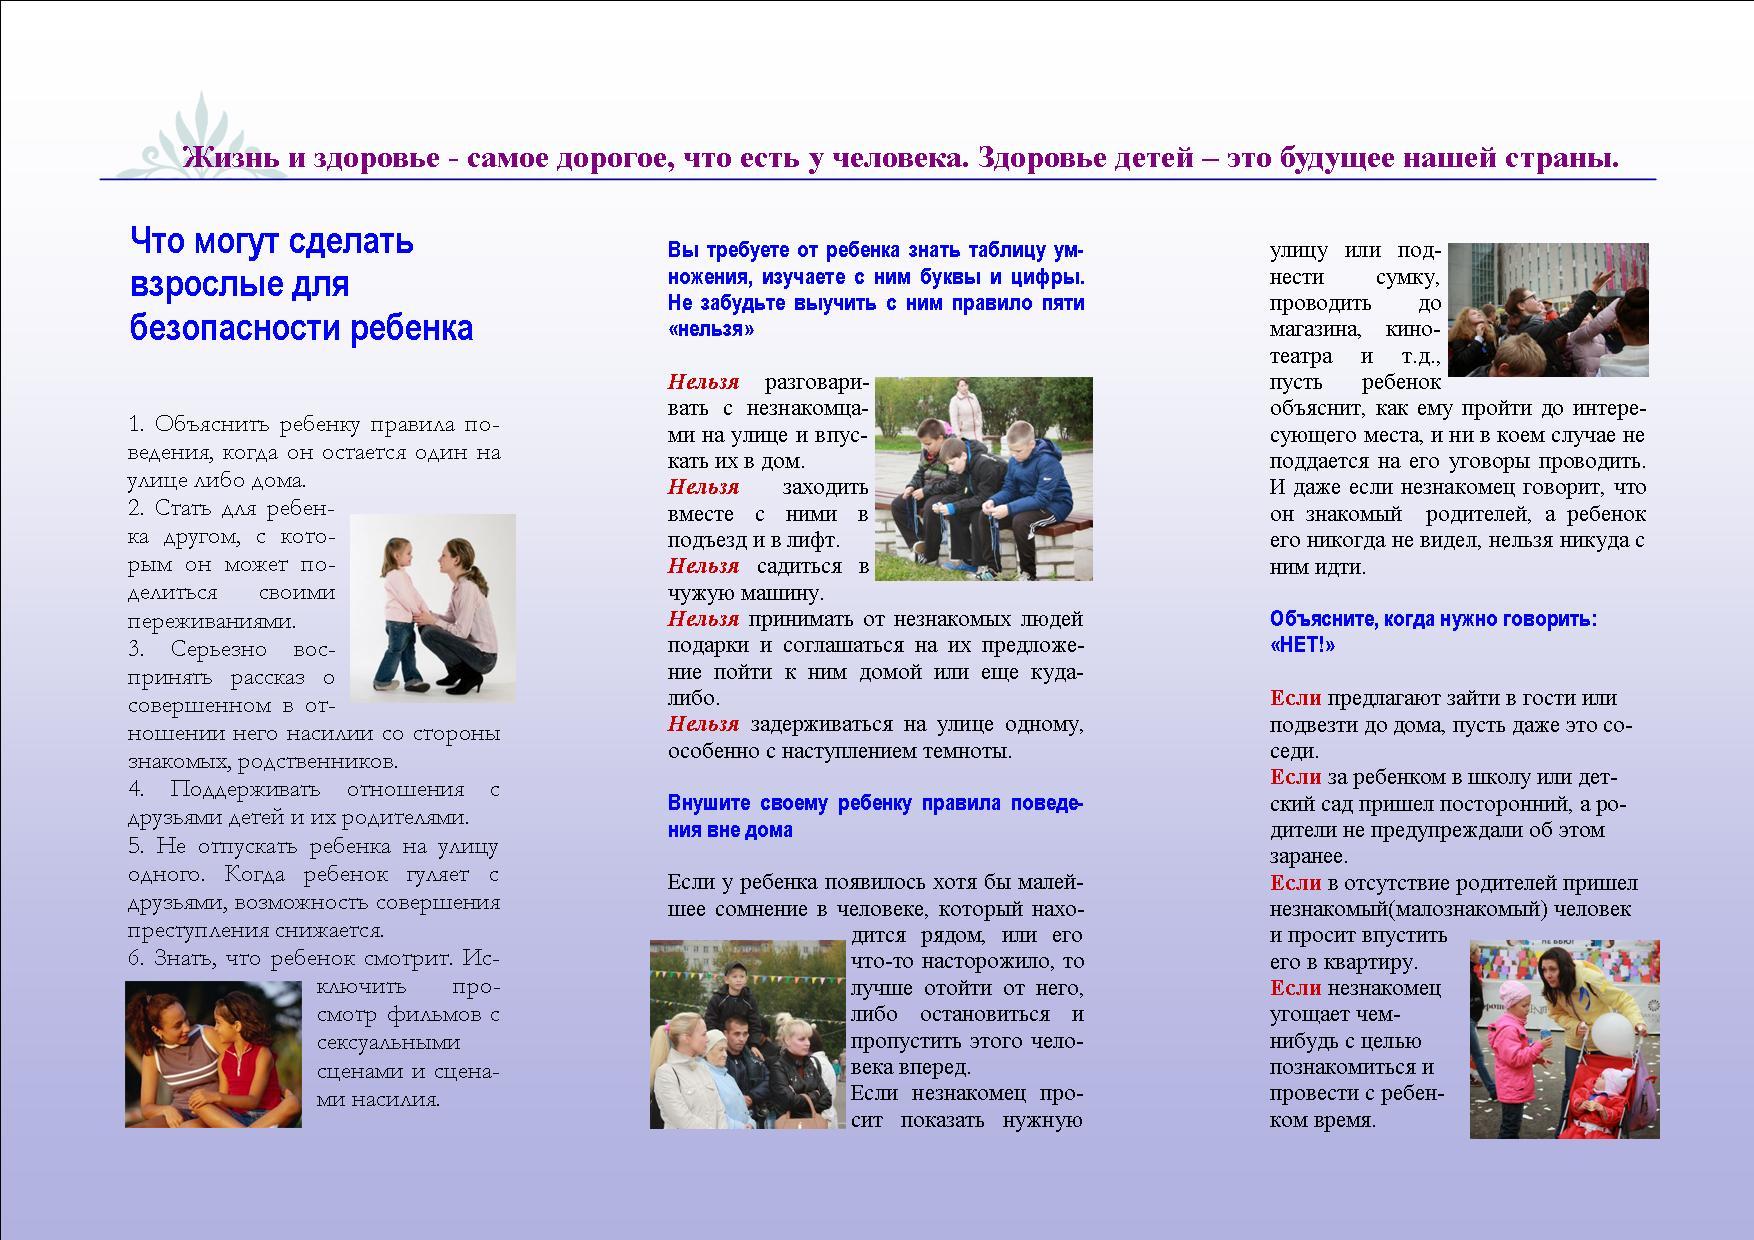 C:\Users\Anna\Desktop\брошюры нов\Чтобы ребенок не стал жертвой насилия, 1 часть\Чтобы ребенок не стал жертвой насилия 1-2.jpg